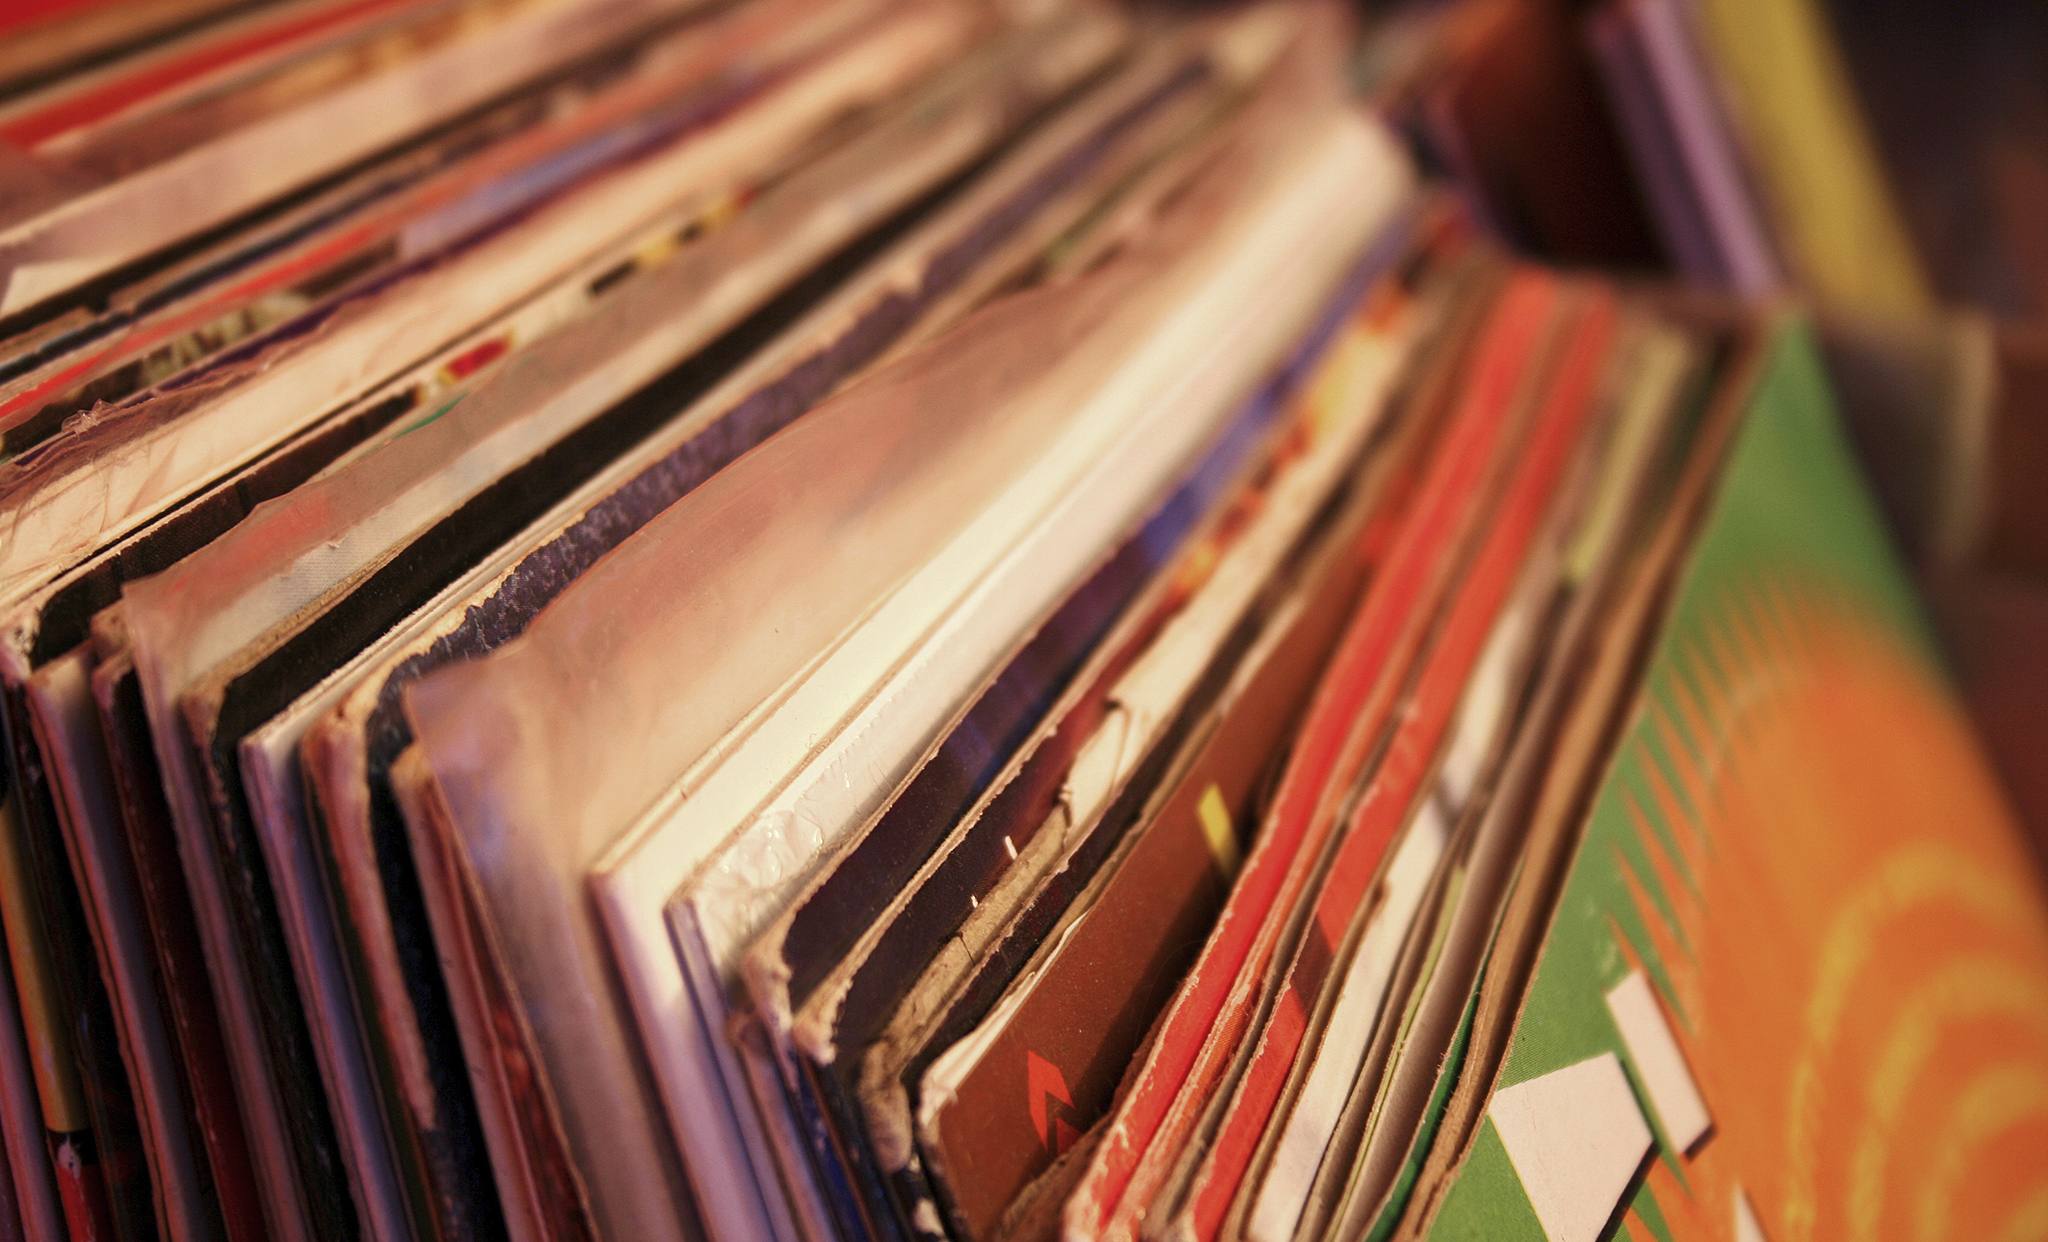 Das schwarze Gold - Vinyl Plattensammlungen, ein nachhaltiger Musikgenuss